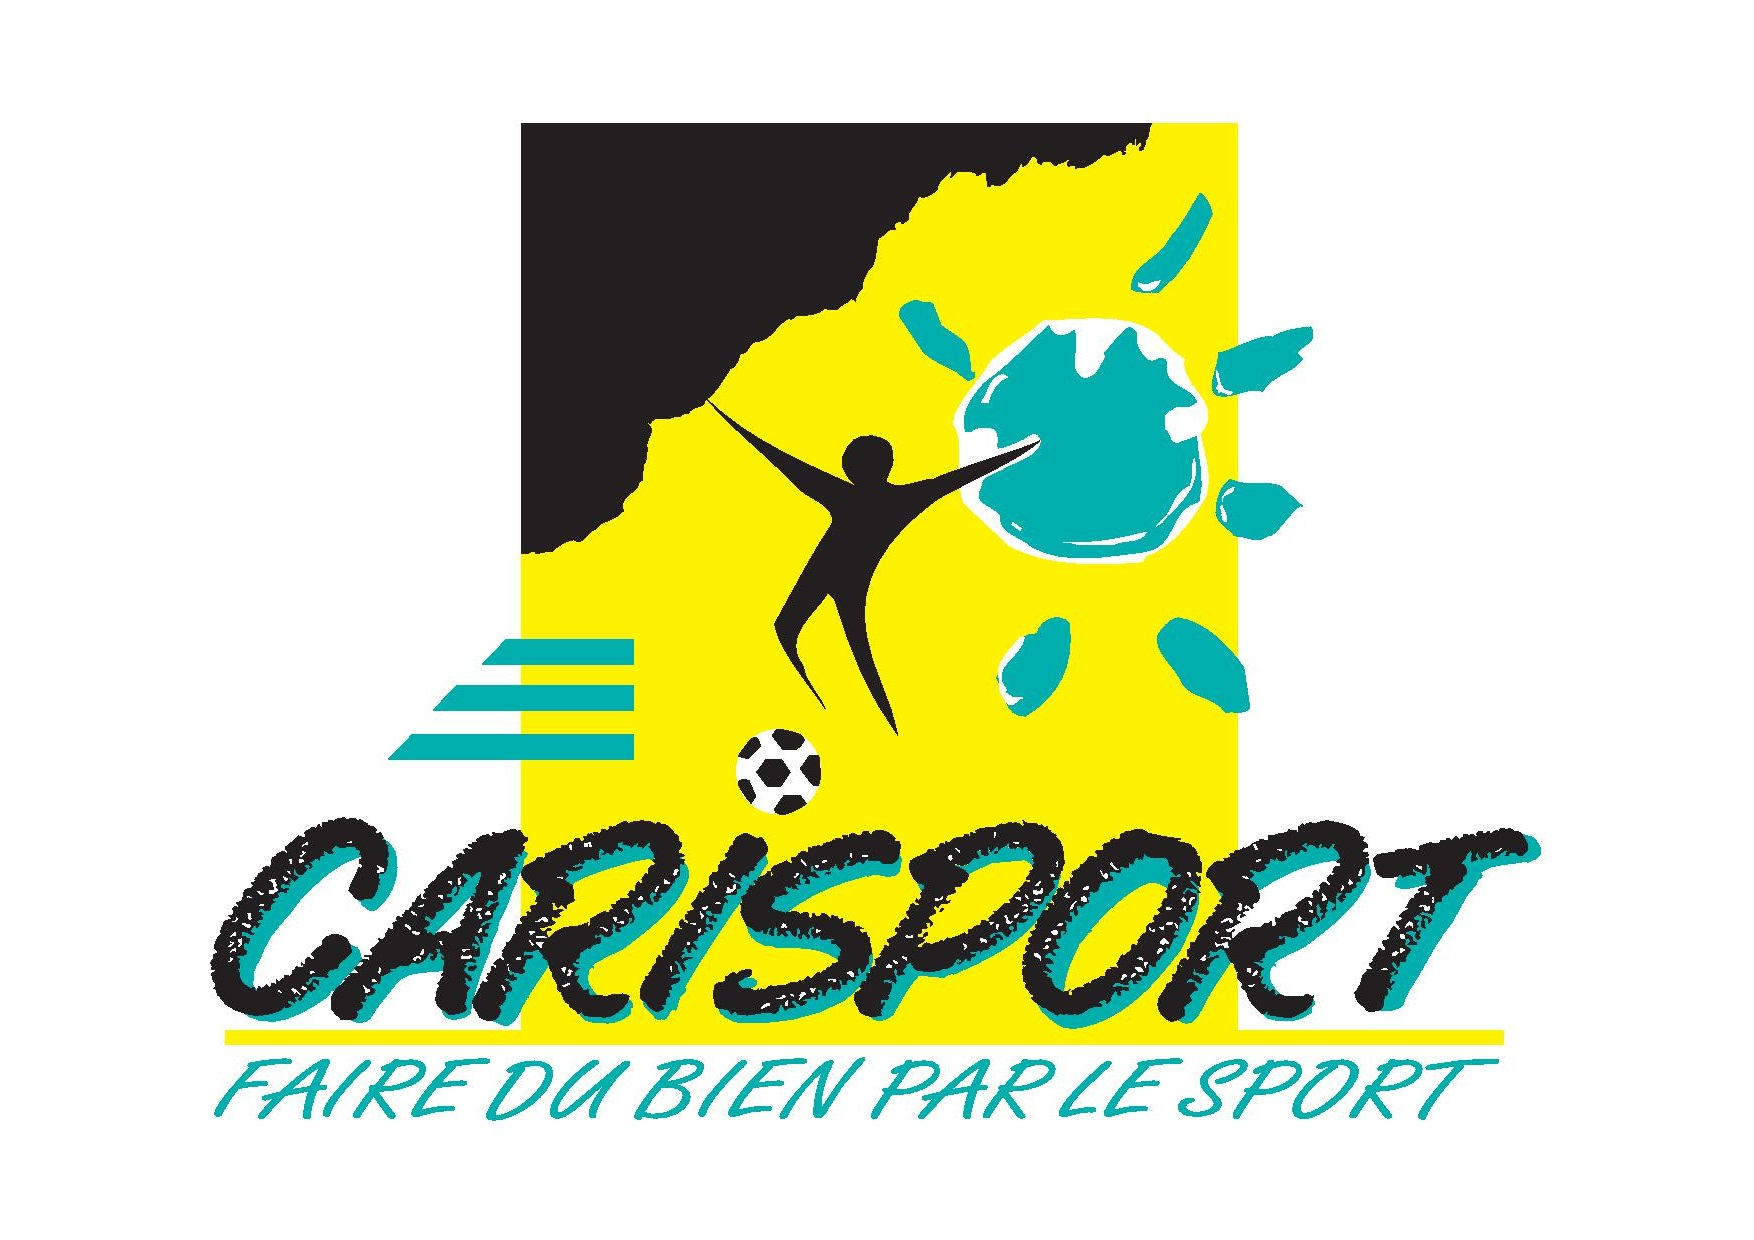 logo CARISPORT quadri